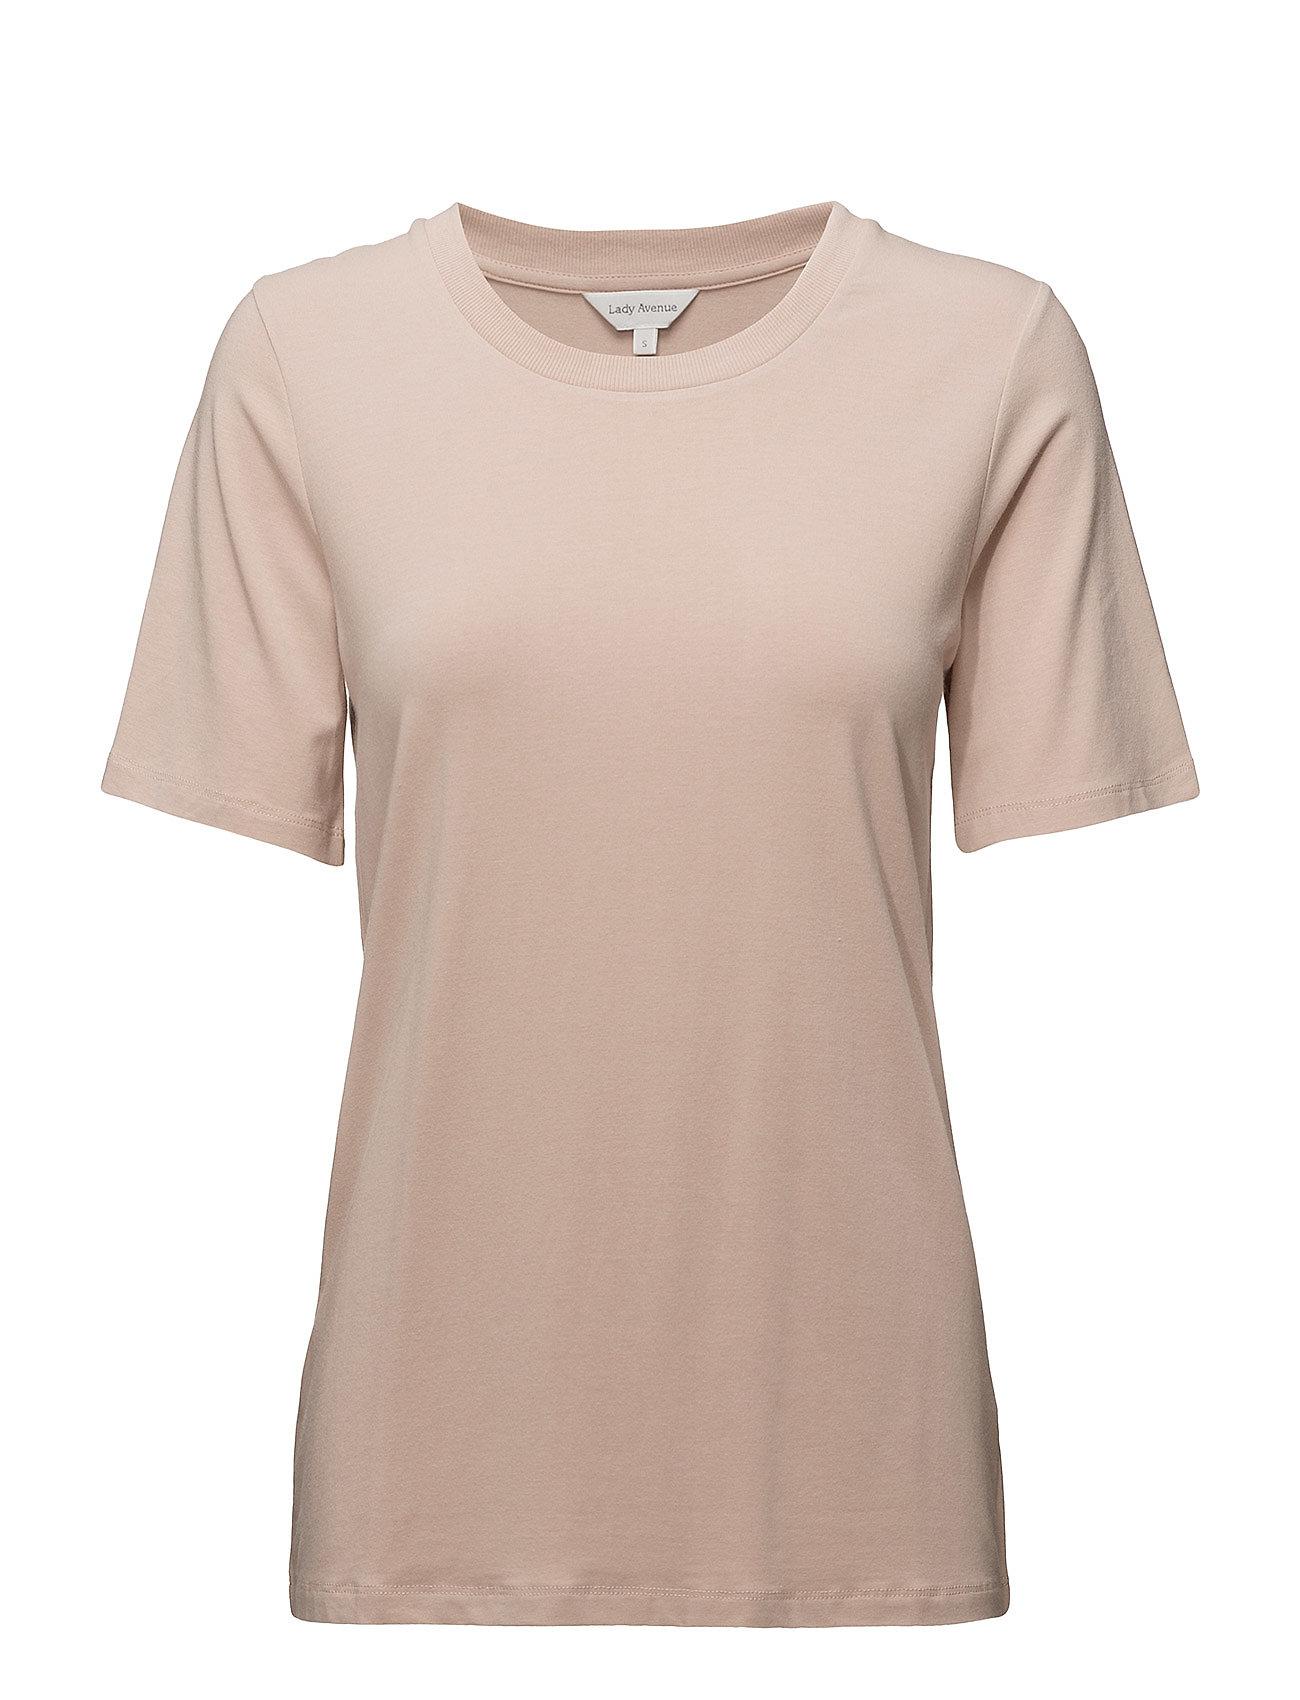 lady avenue T-shirt på boozt.com dk